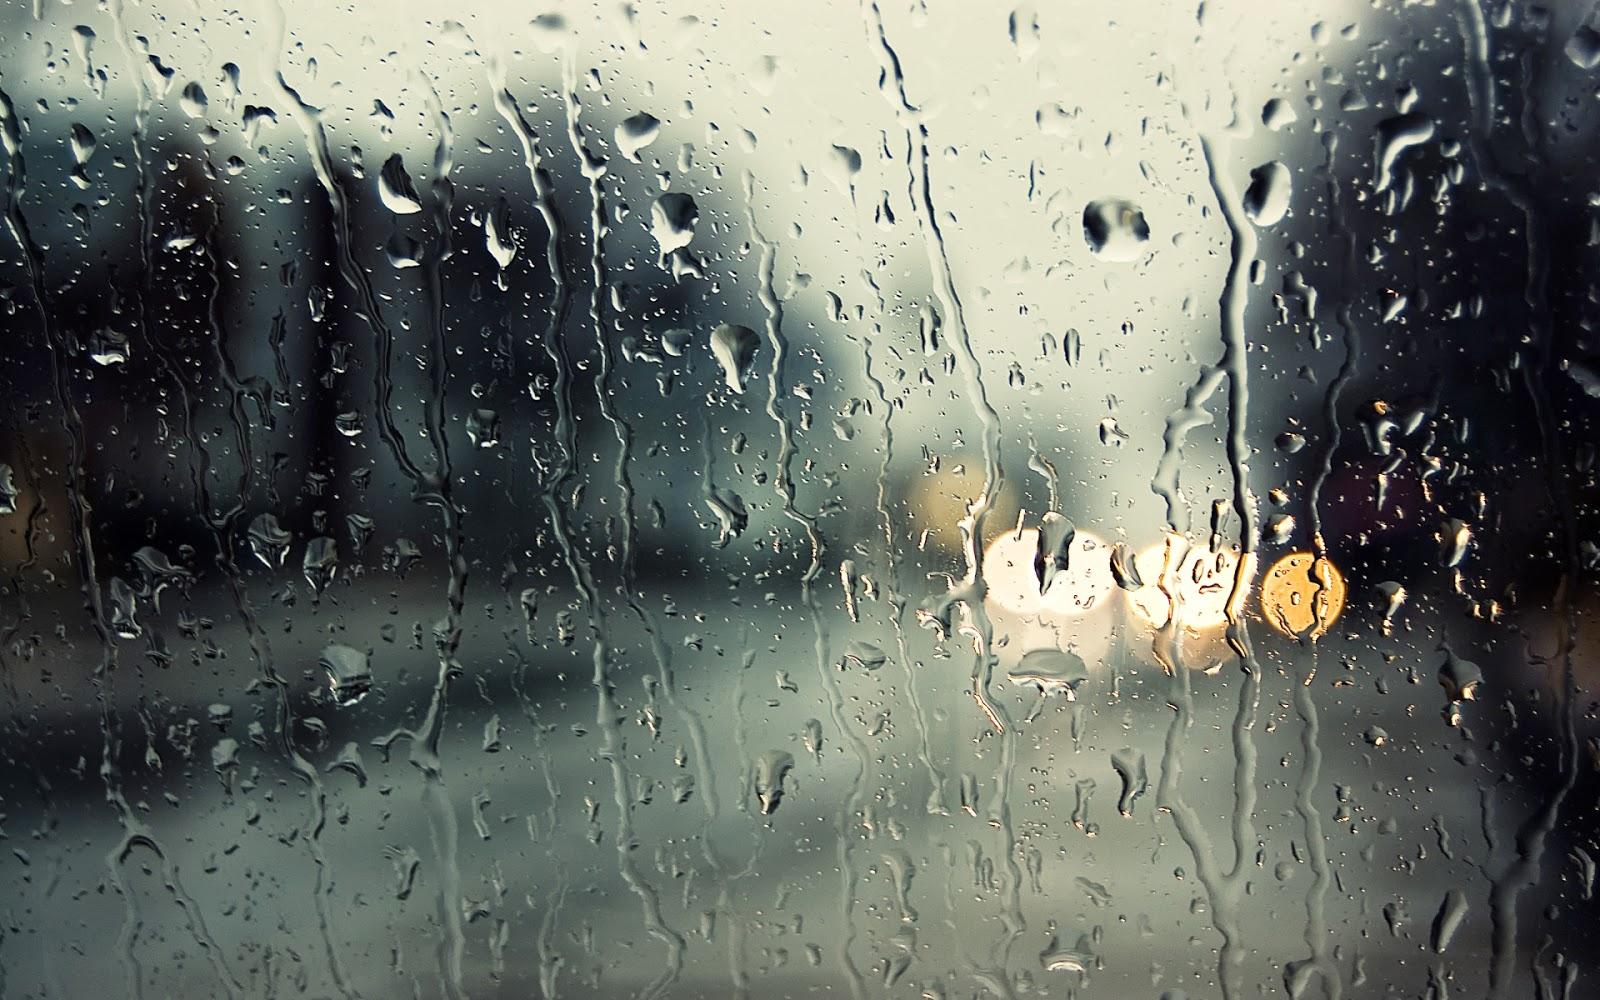 wallpaper rainy day wallpaper rainy day photo rainy day image 1600x1000